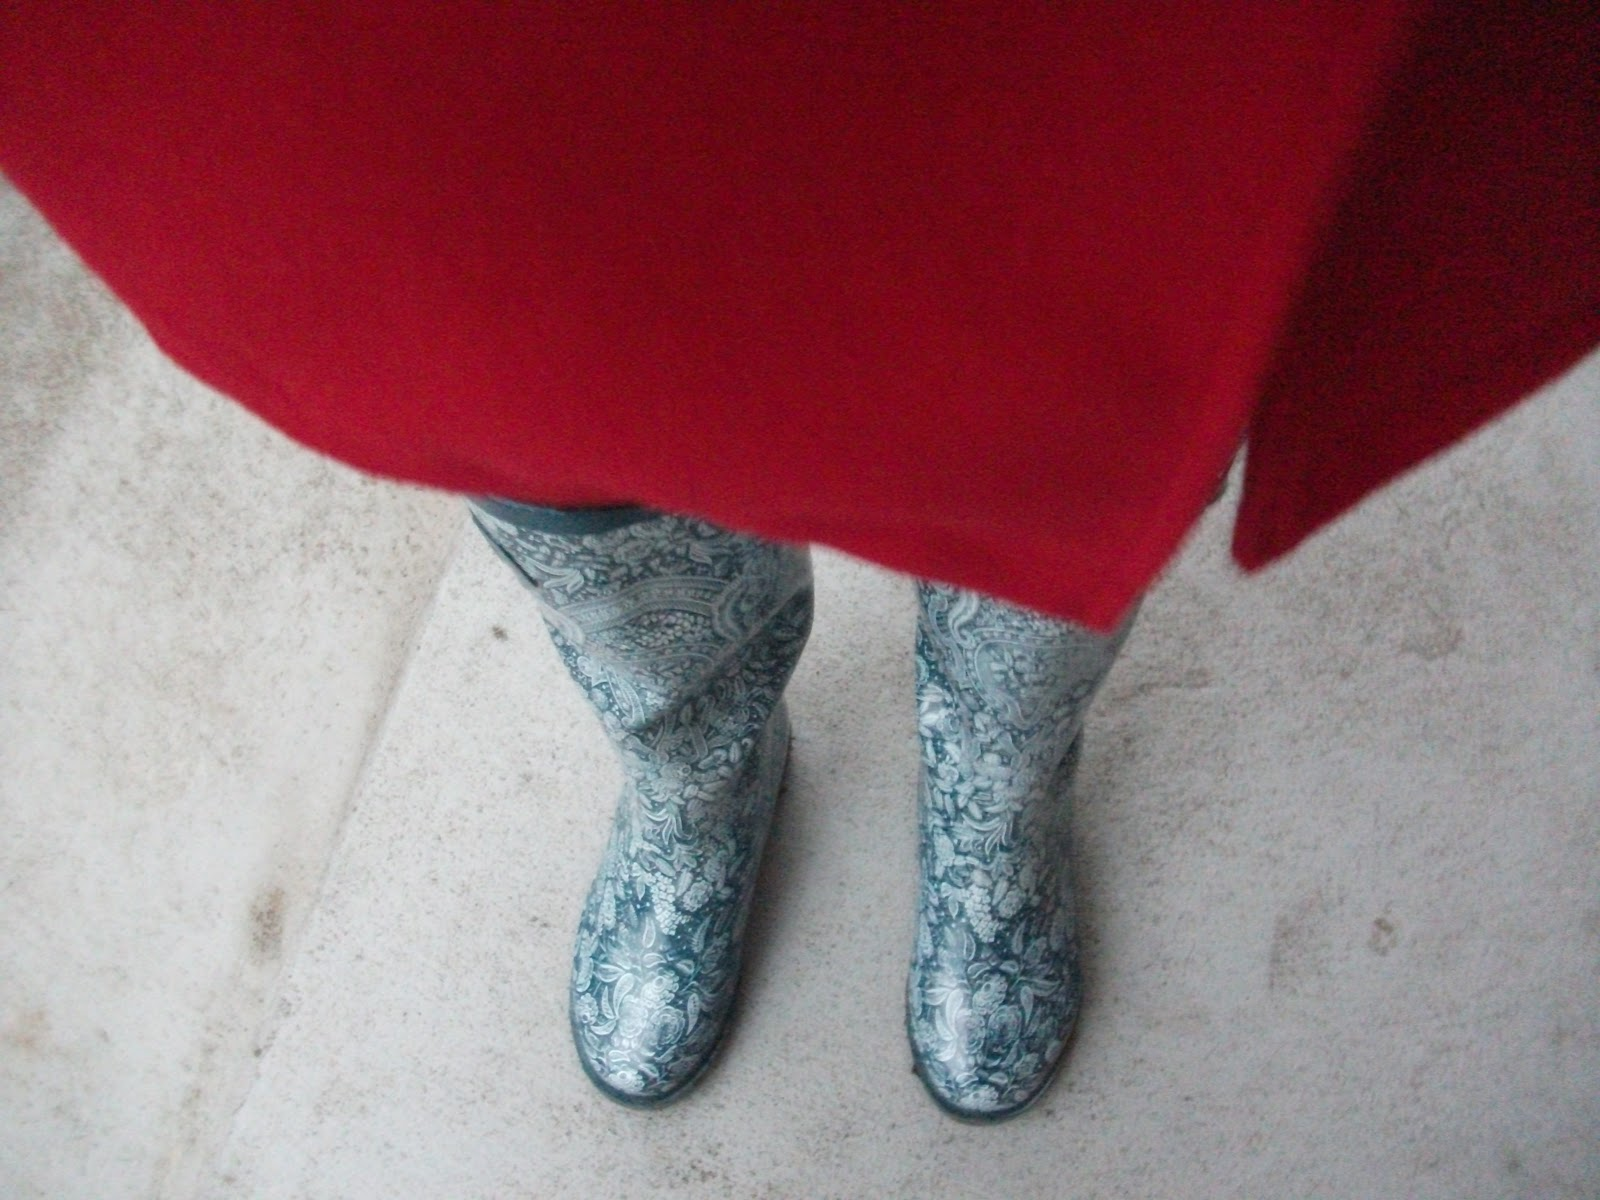 d1cb969a92 Najlepšie budú vyzerať s červeným kabátom - napr. týmto -D